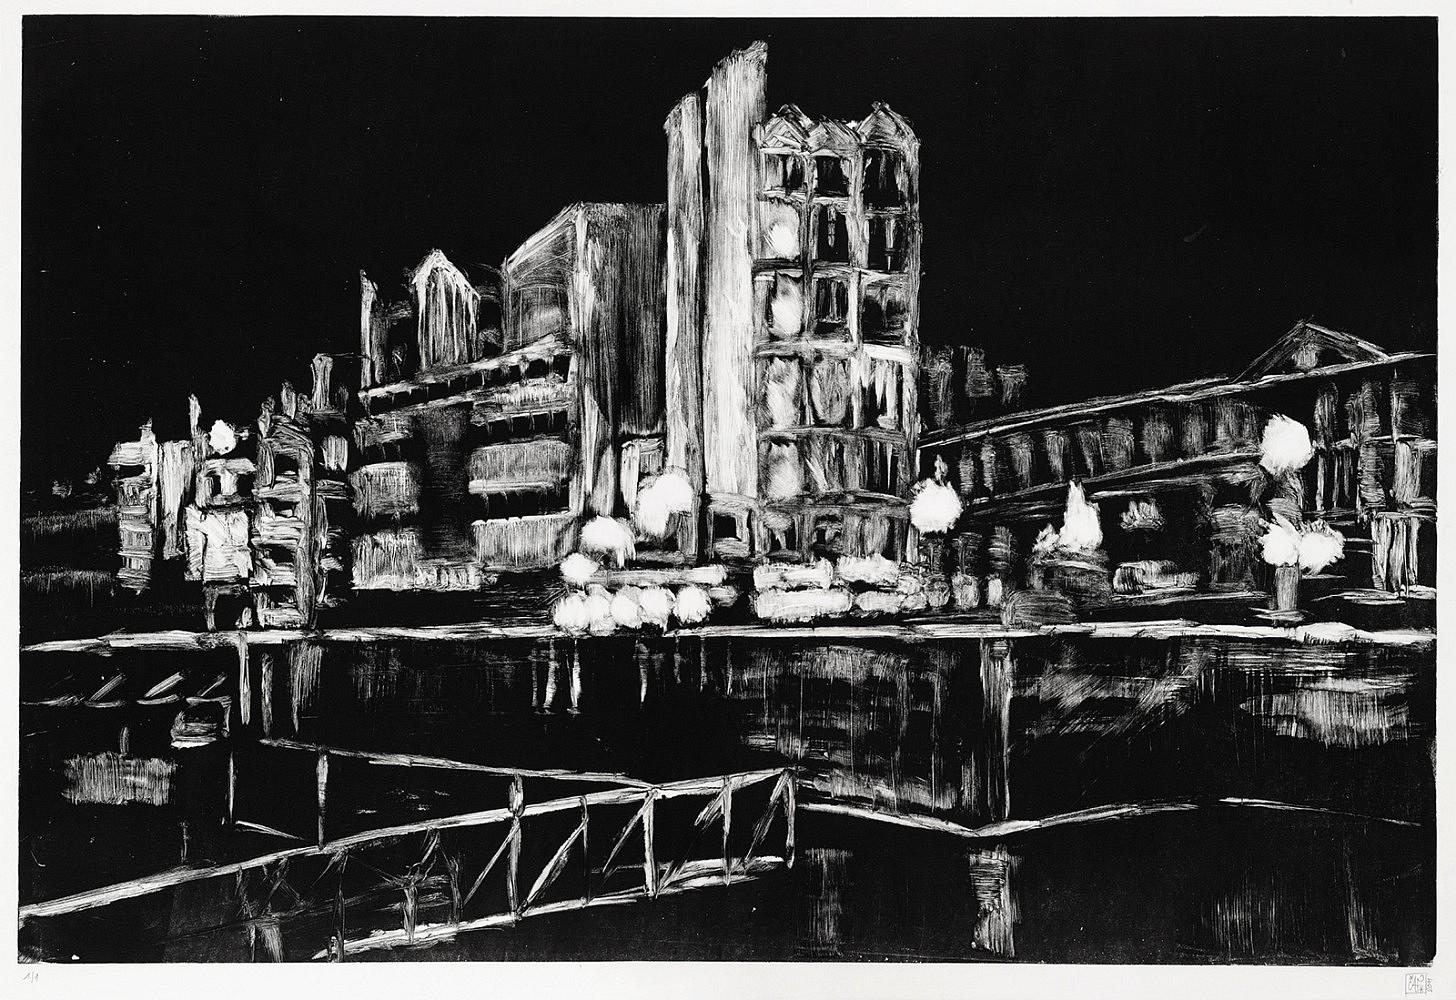 Nocturnes (Rue de Rome #1) | Monotype 50x70 cm - 2011